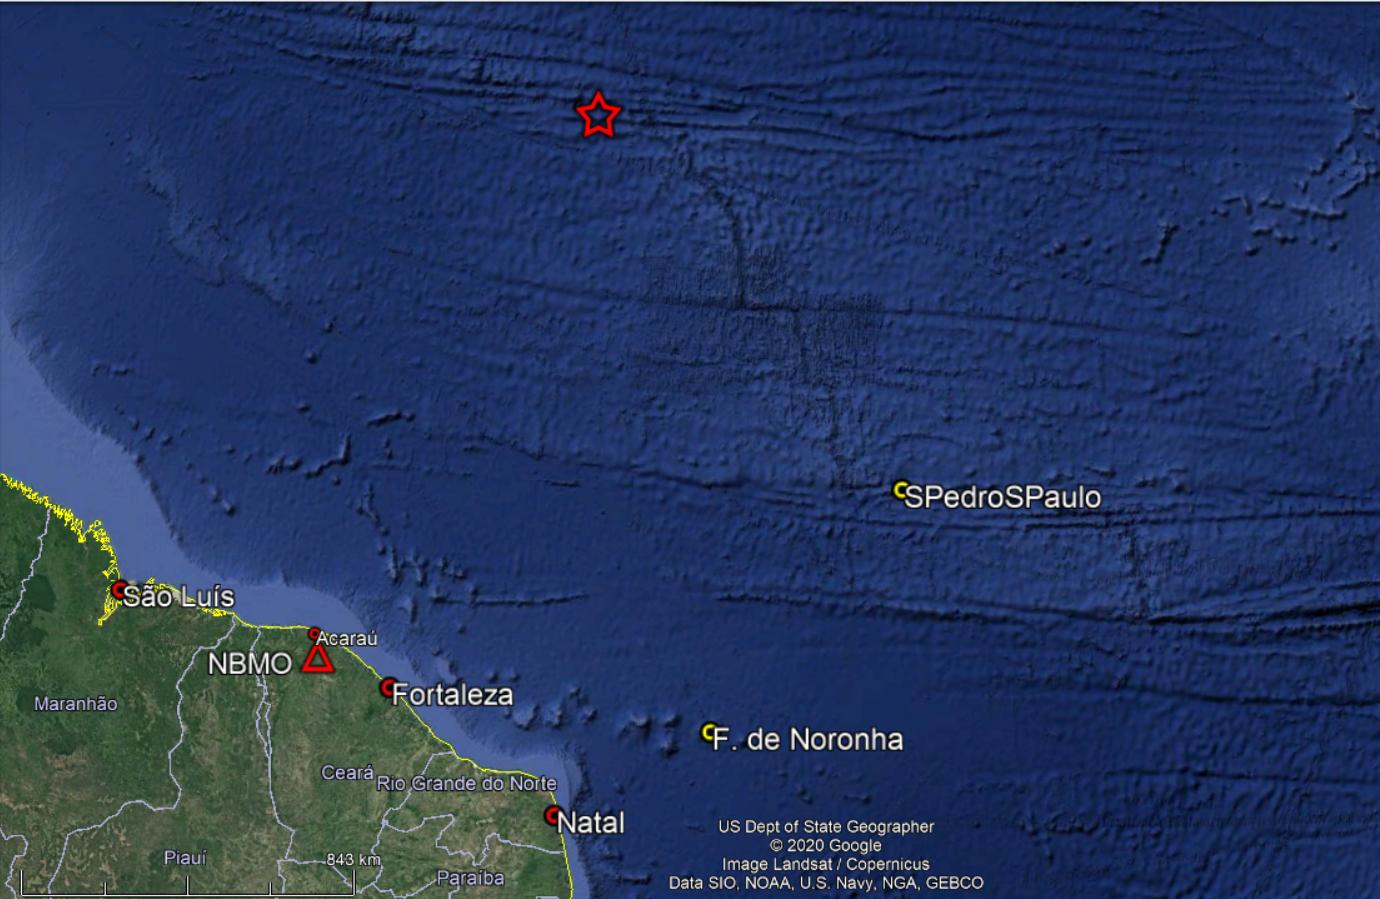 Novo tremor no Atlântico é registrado por laboratório da UFRN